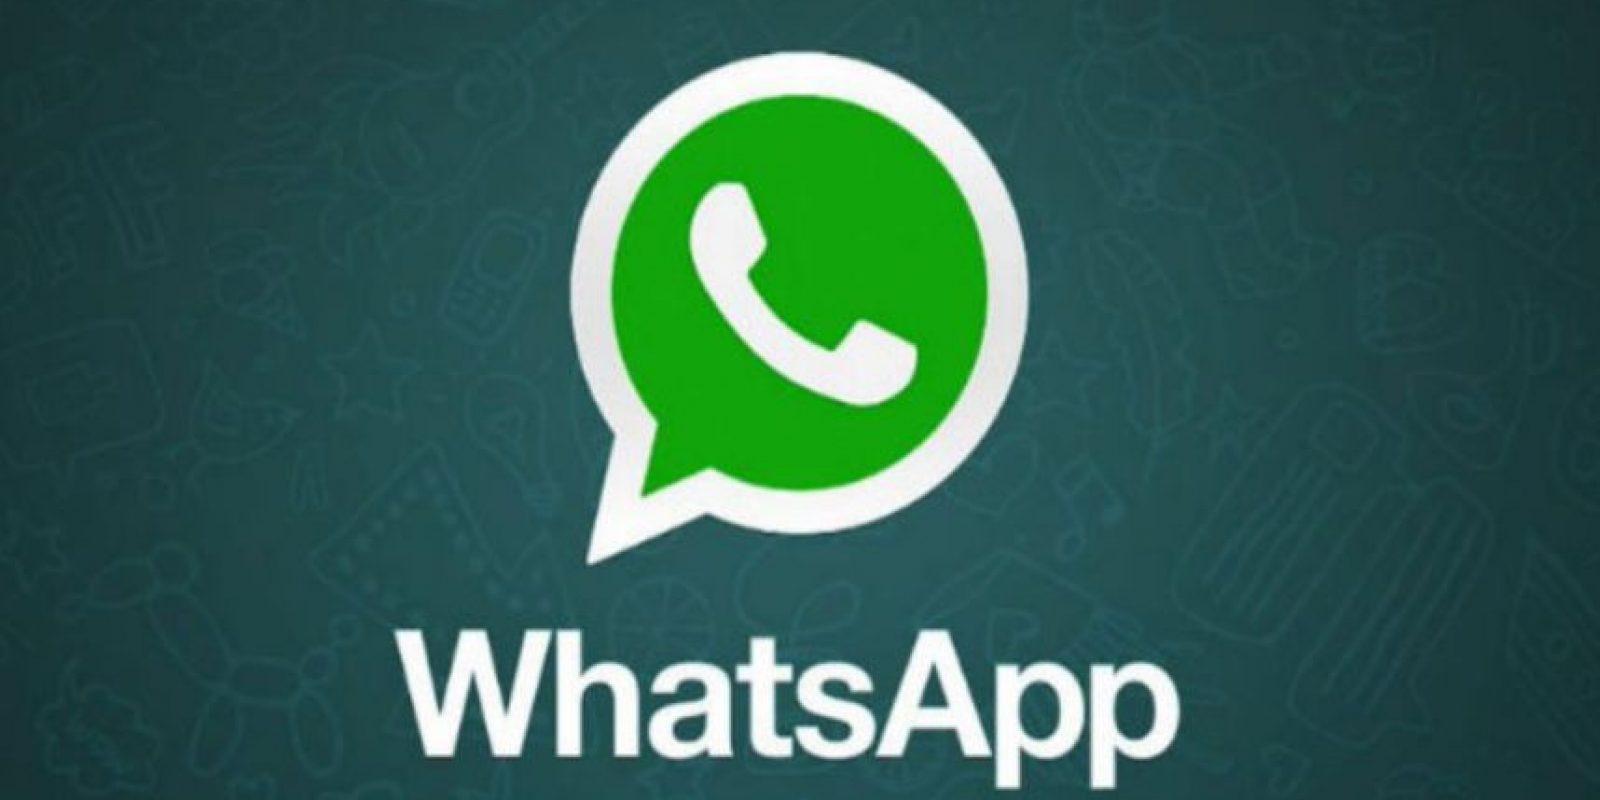 Mientras tanto le presentamos cinco pasos para proteger su privacidad en WhatsApp Foto:WhatsApp